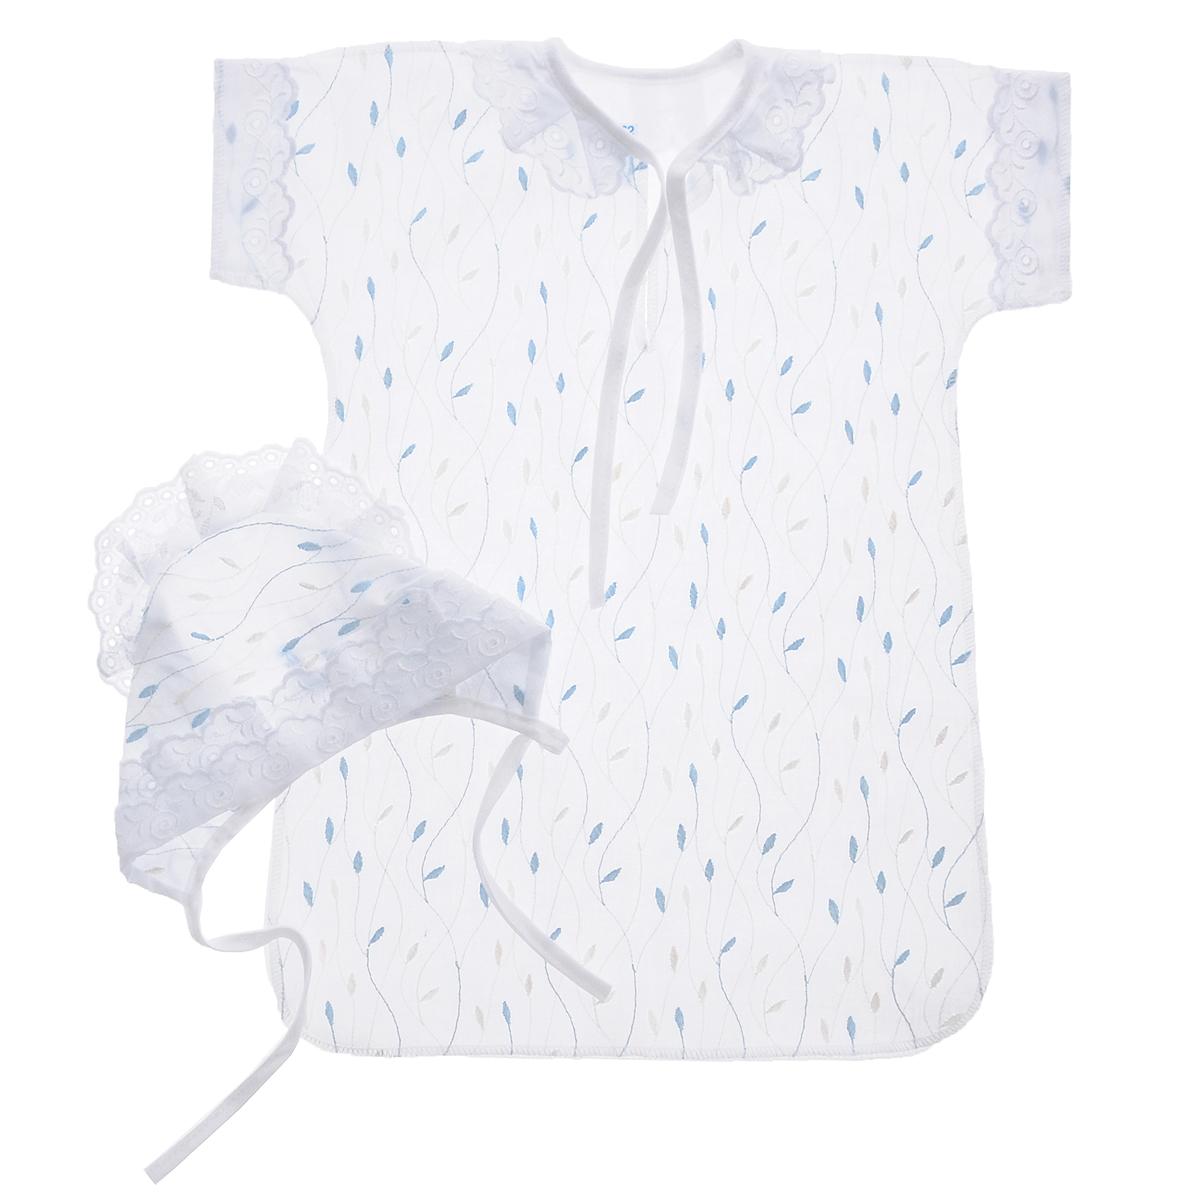 Комплект для крещения детский Трон-плюс: рубашка, чепчик, цвет: белый, голубой. 1403. Размер 68, 6 месяцев